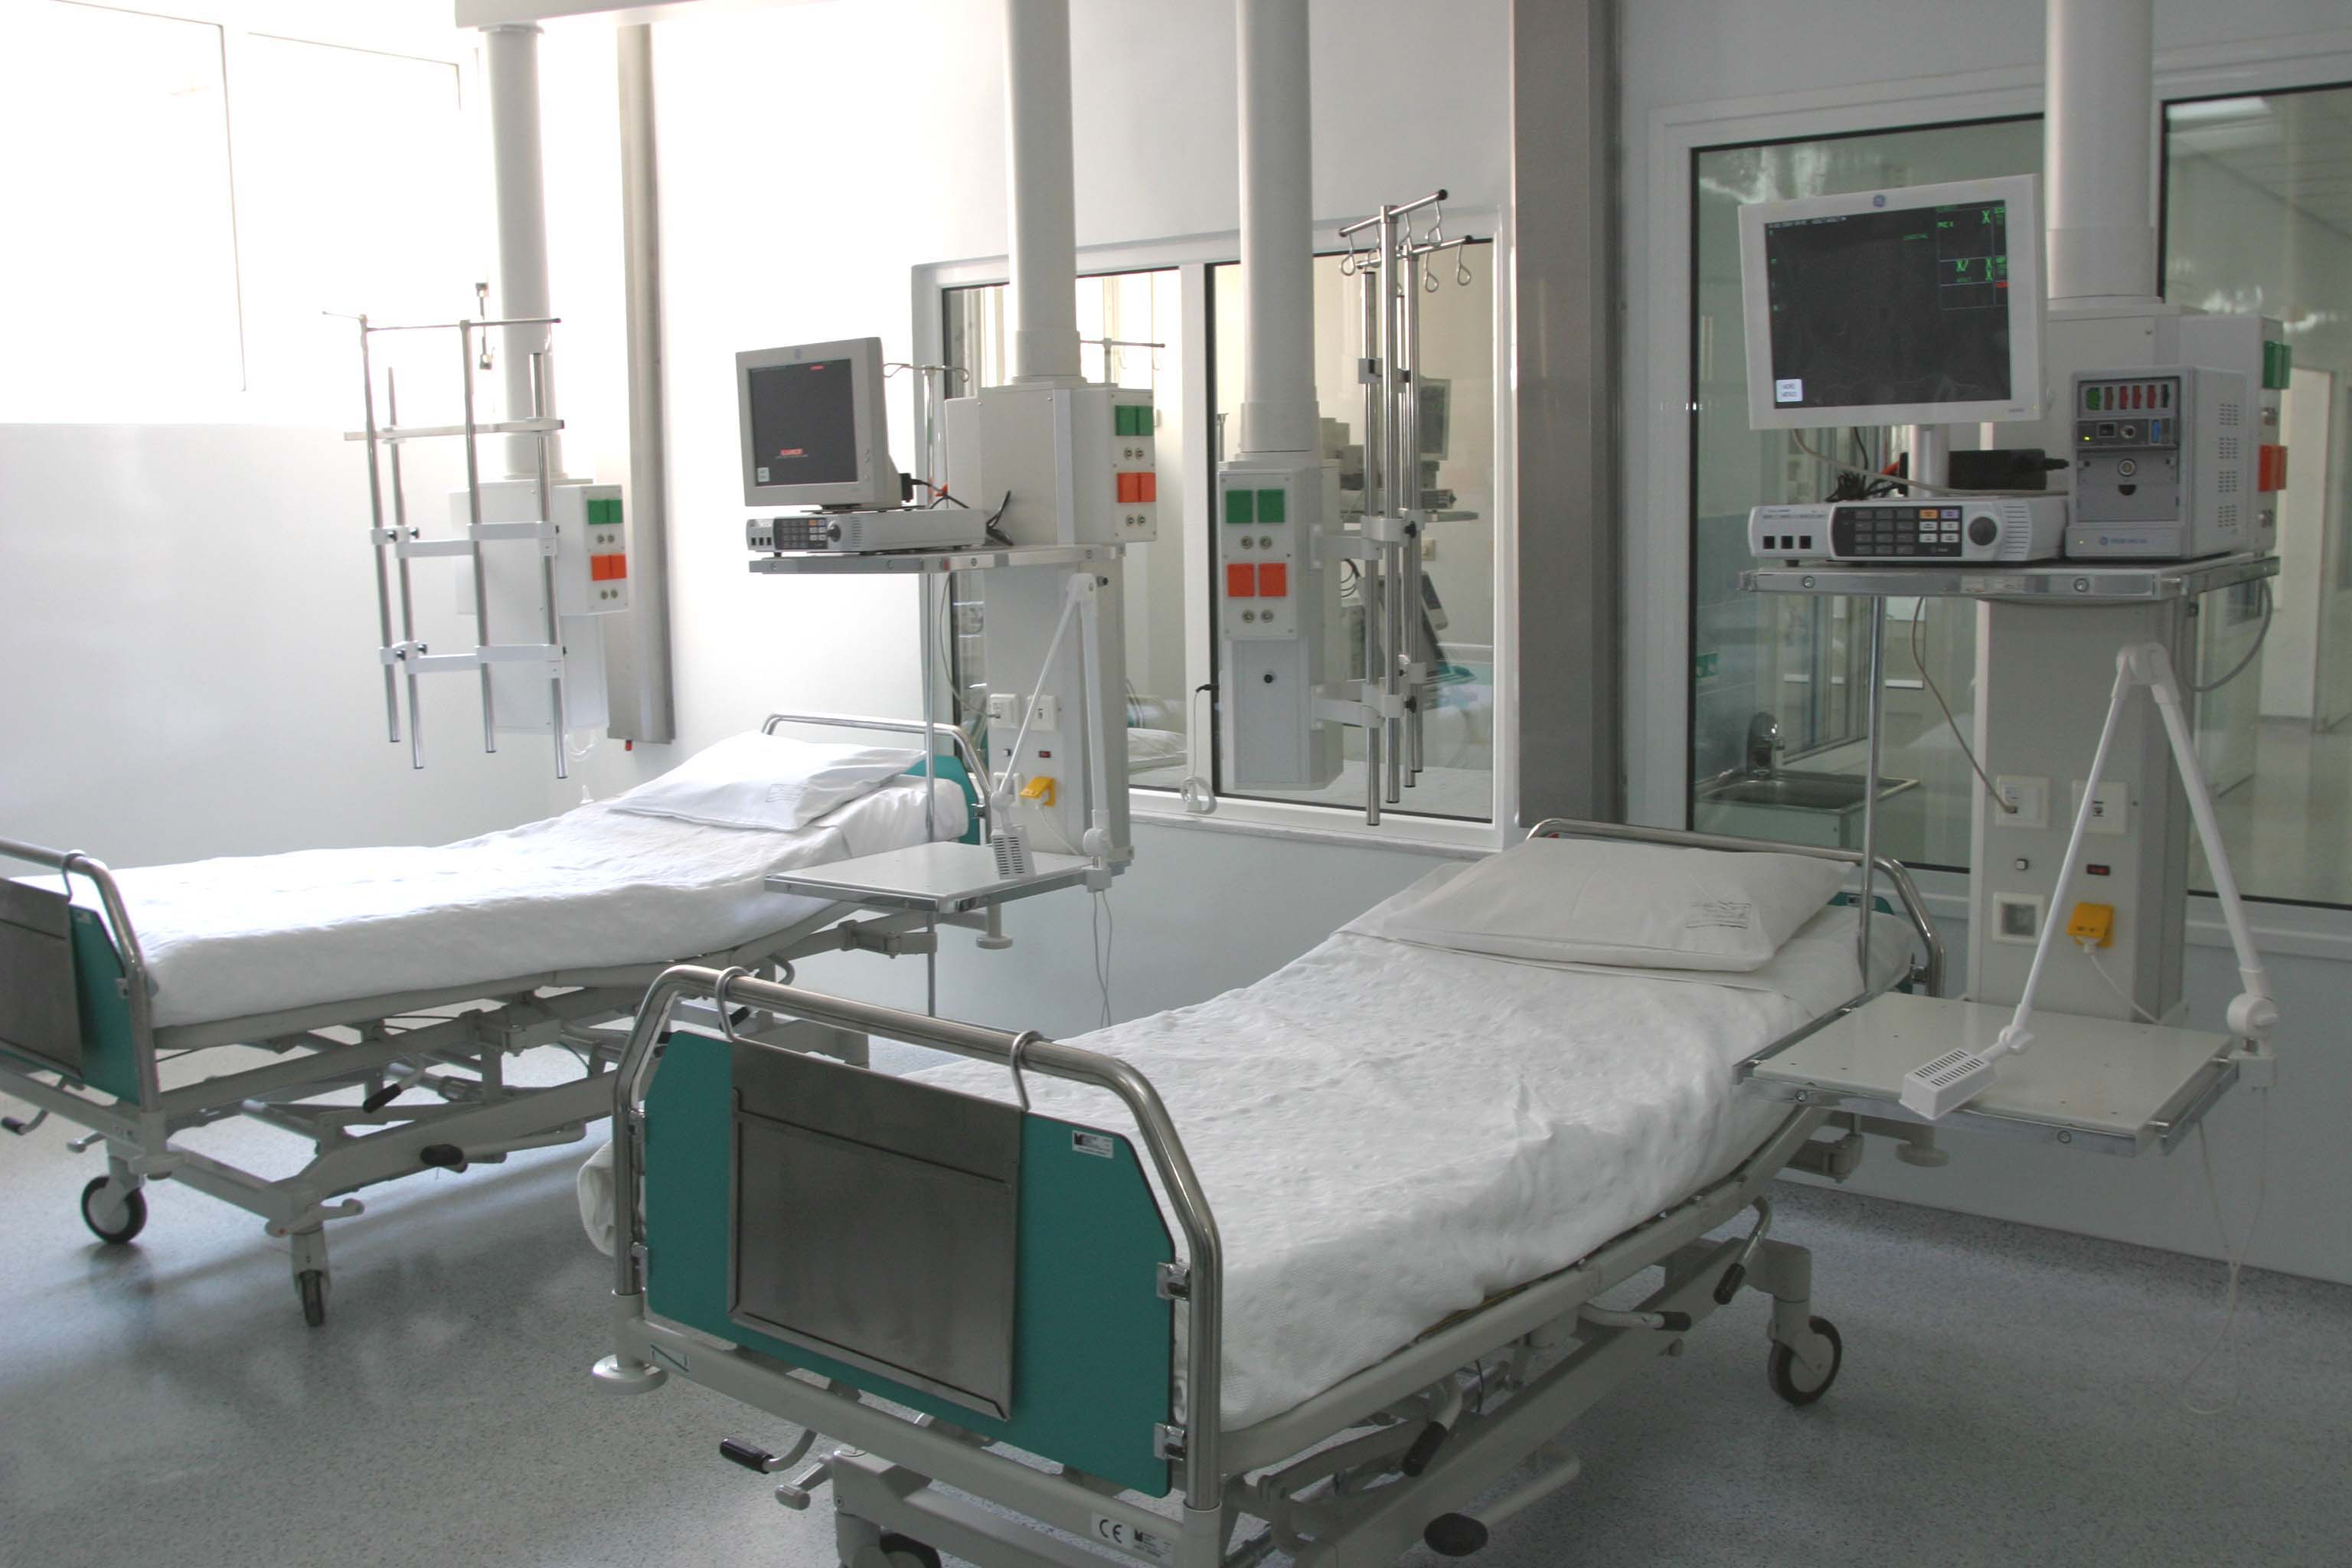 Επιδεινώθηκε η υγεία της 15χρονης που πέρασε δεύτερο χειρουργείο   tovima.gr